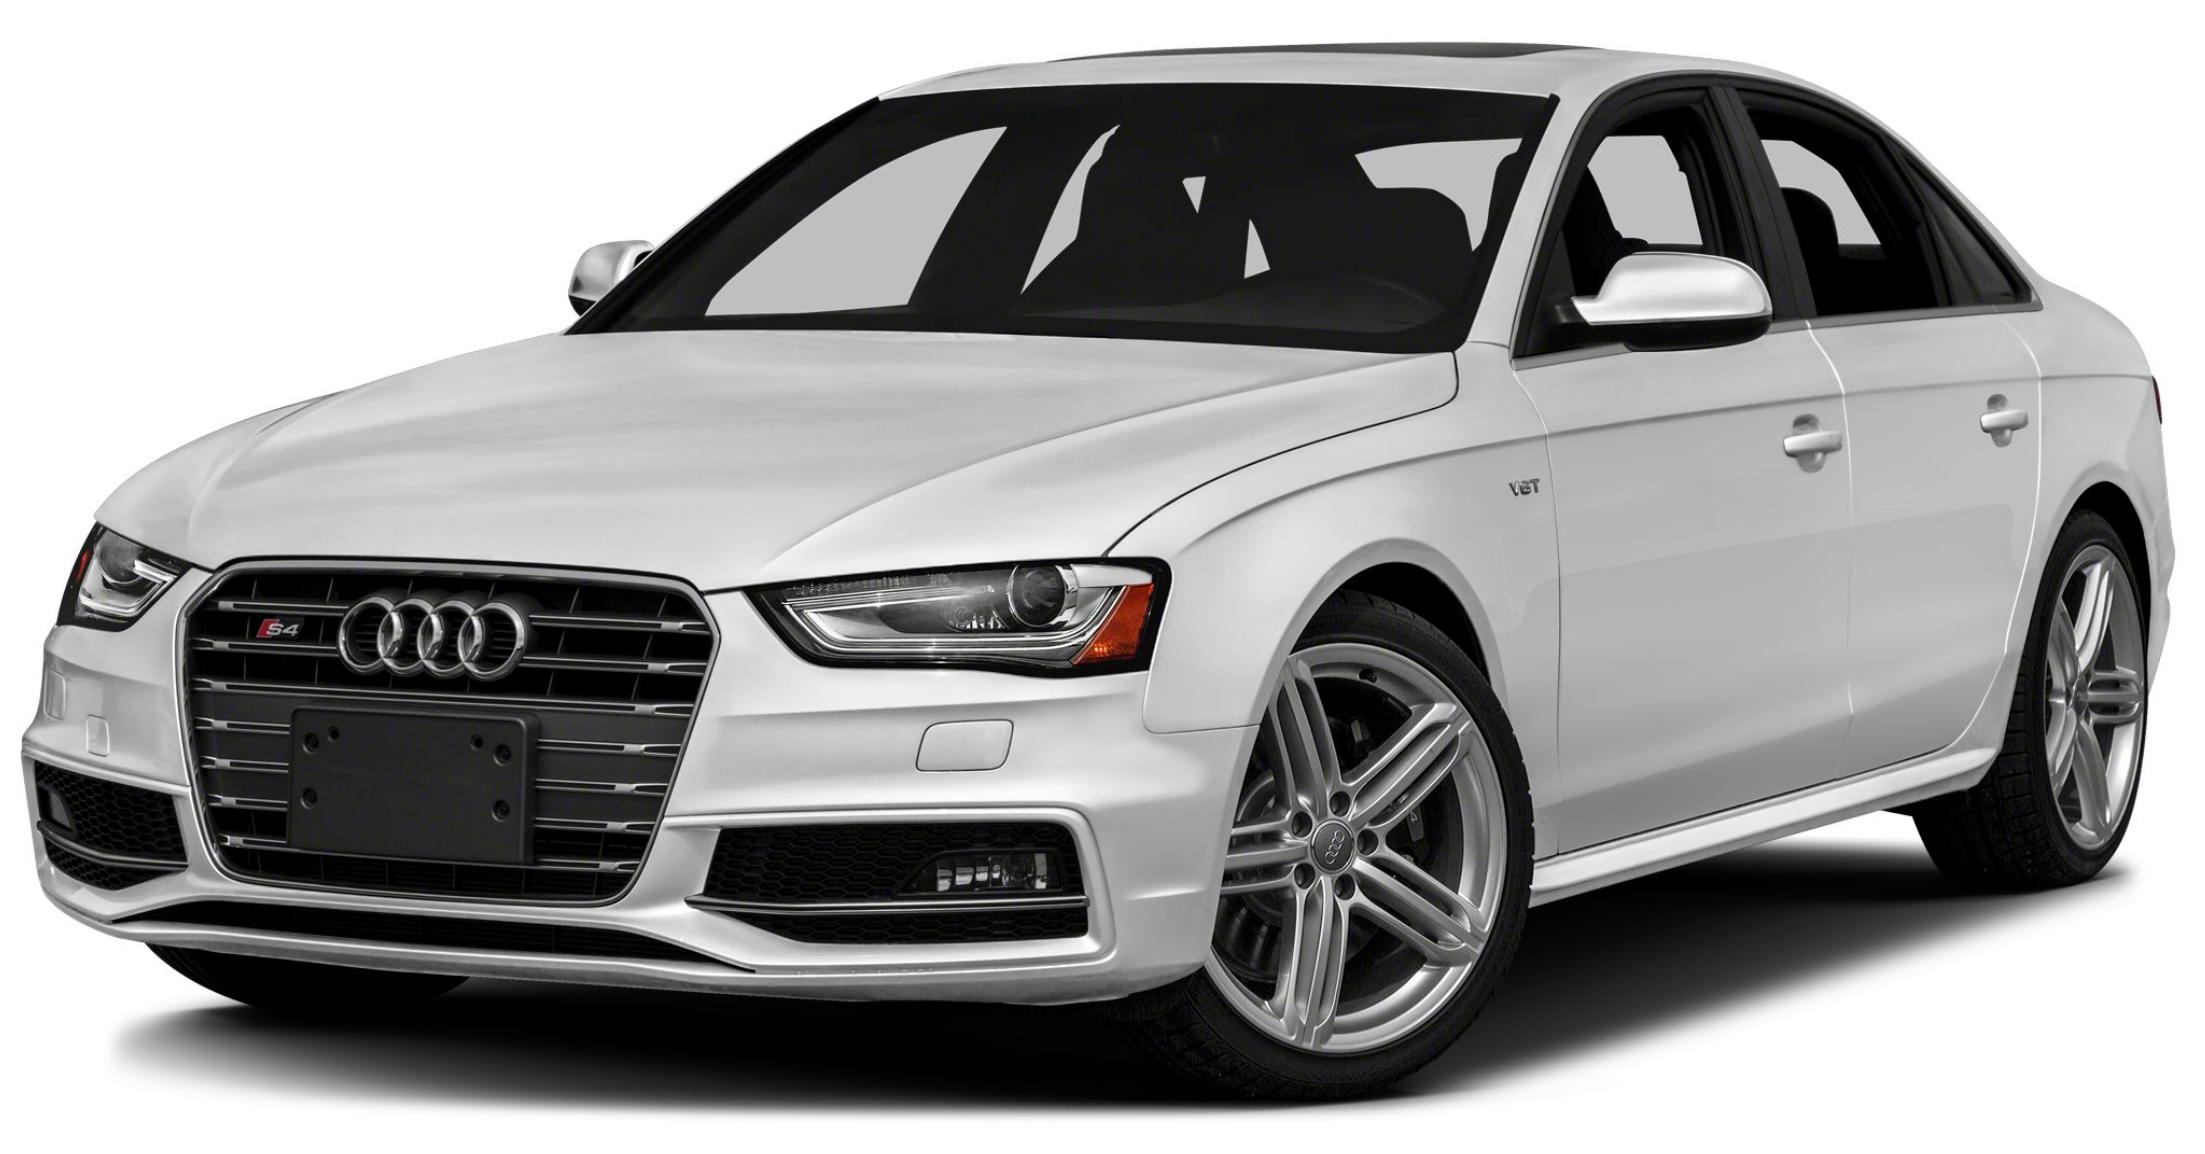 Audi S4 com fundo branco